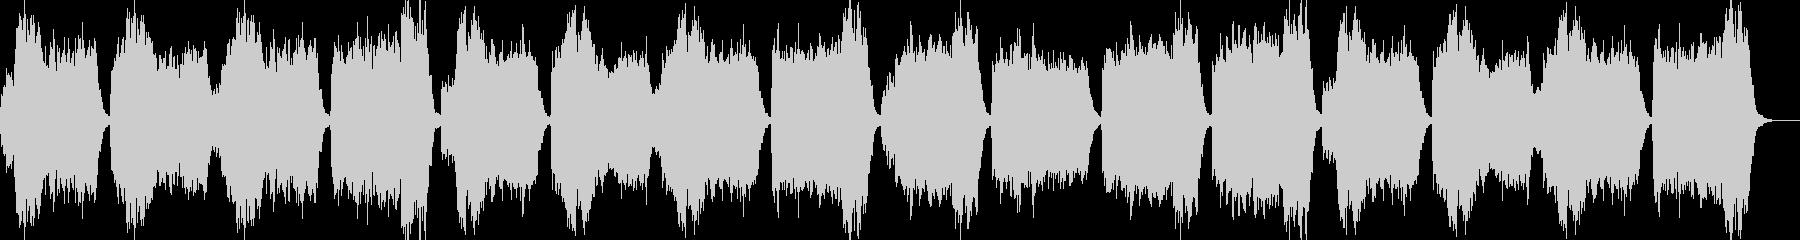 重々しく悲愴的な弦楽合奏の未再生の波形